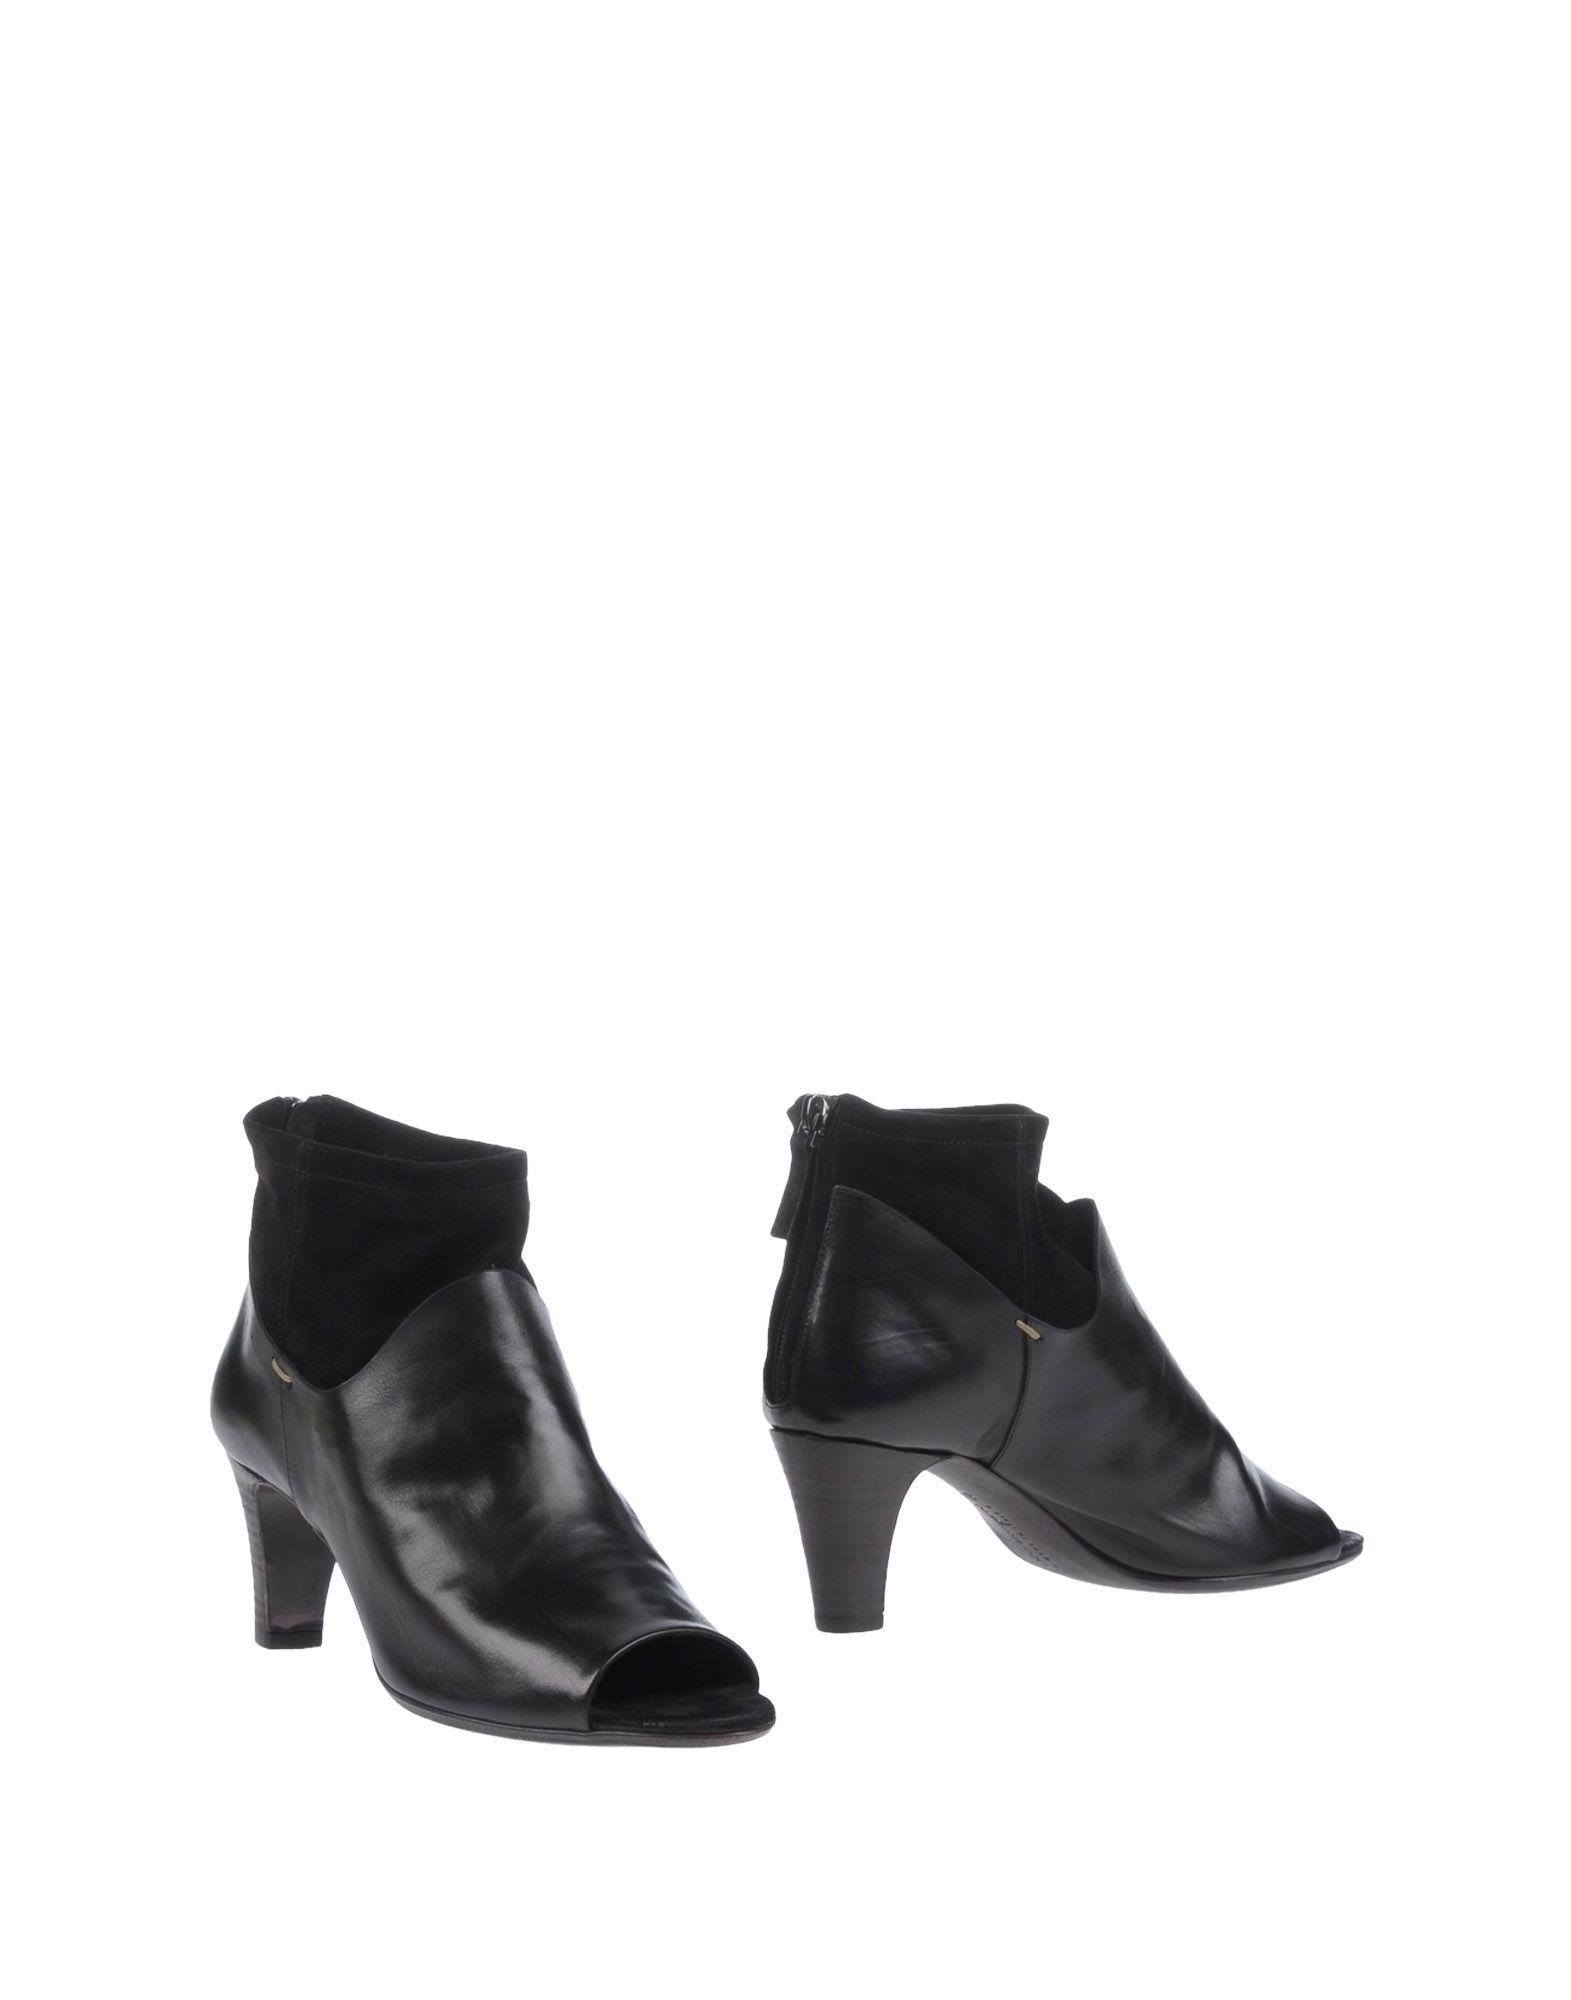 LABORATORIGARBO Ankle Boot in Black